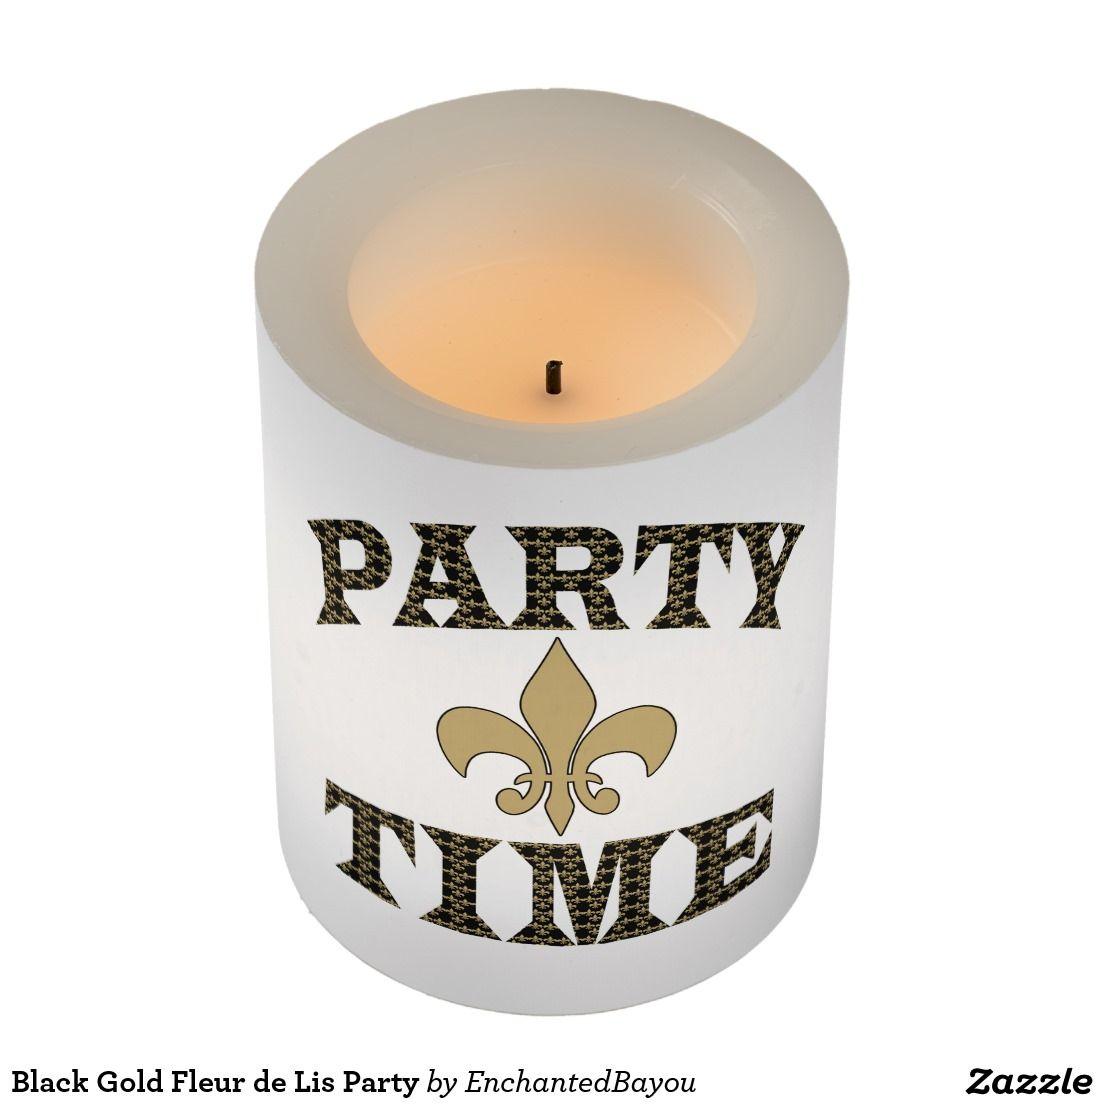 Black Gold Fleur de Lis Party Flameless Candle